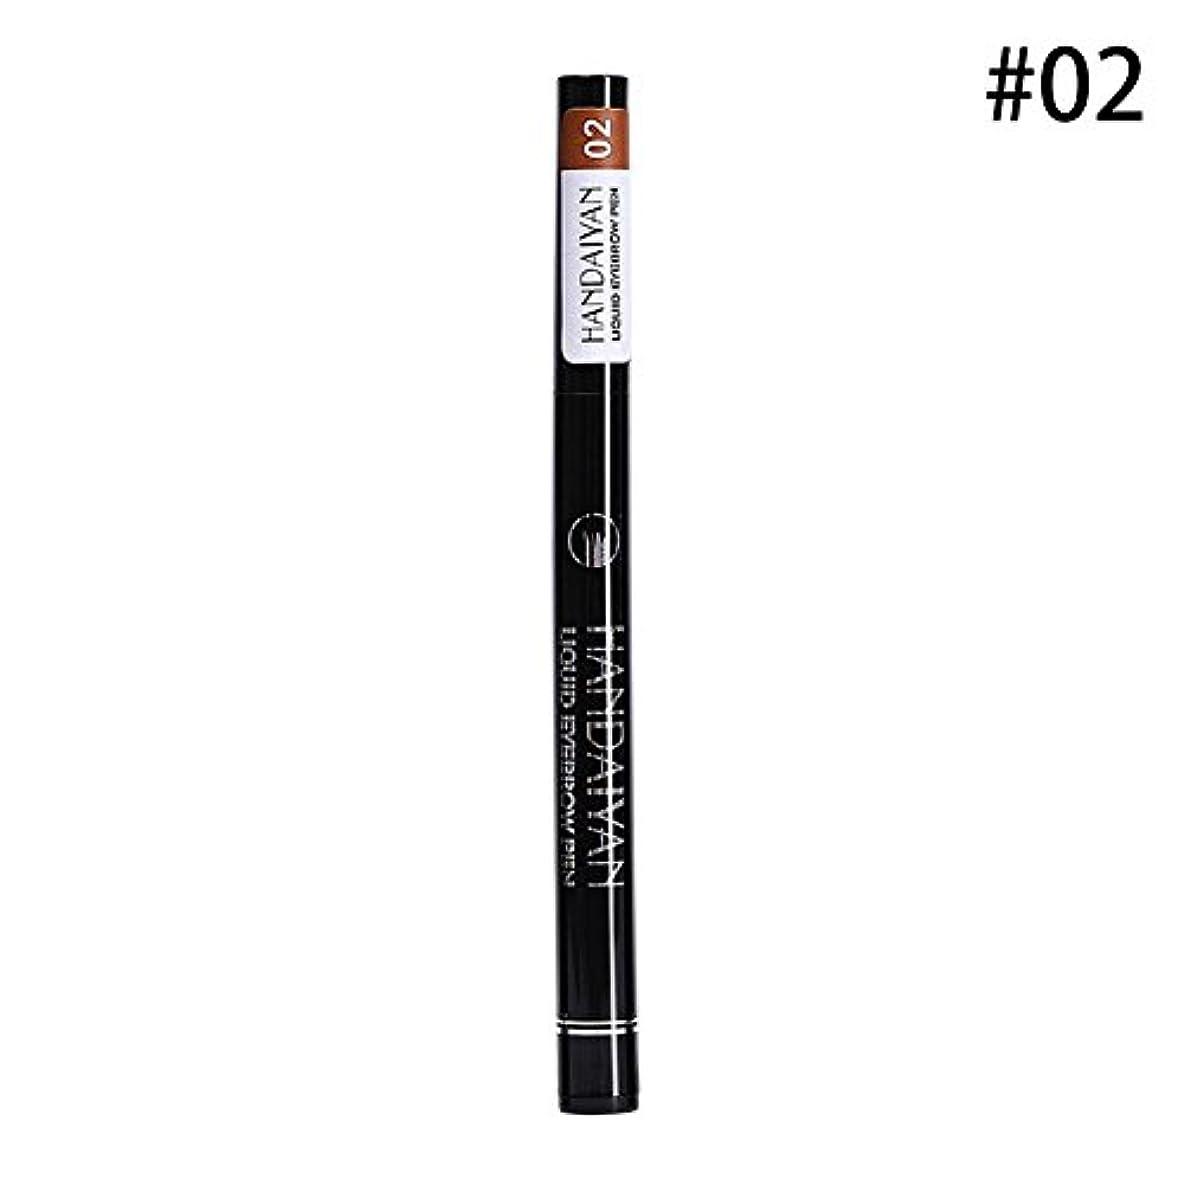 剪断経験的床眉ペンシル アイブロウ鉛筆 四フォーク 眉ペンシルリキッド とても良い マイクロカービング 眉ペンシル   4頭 防水